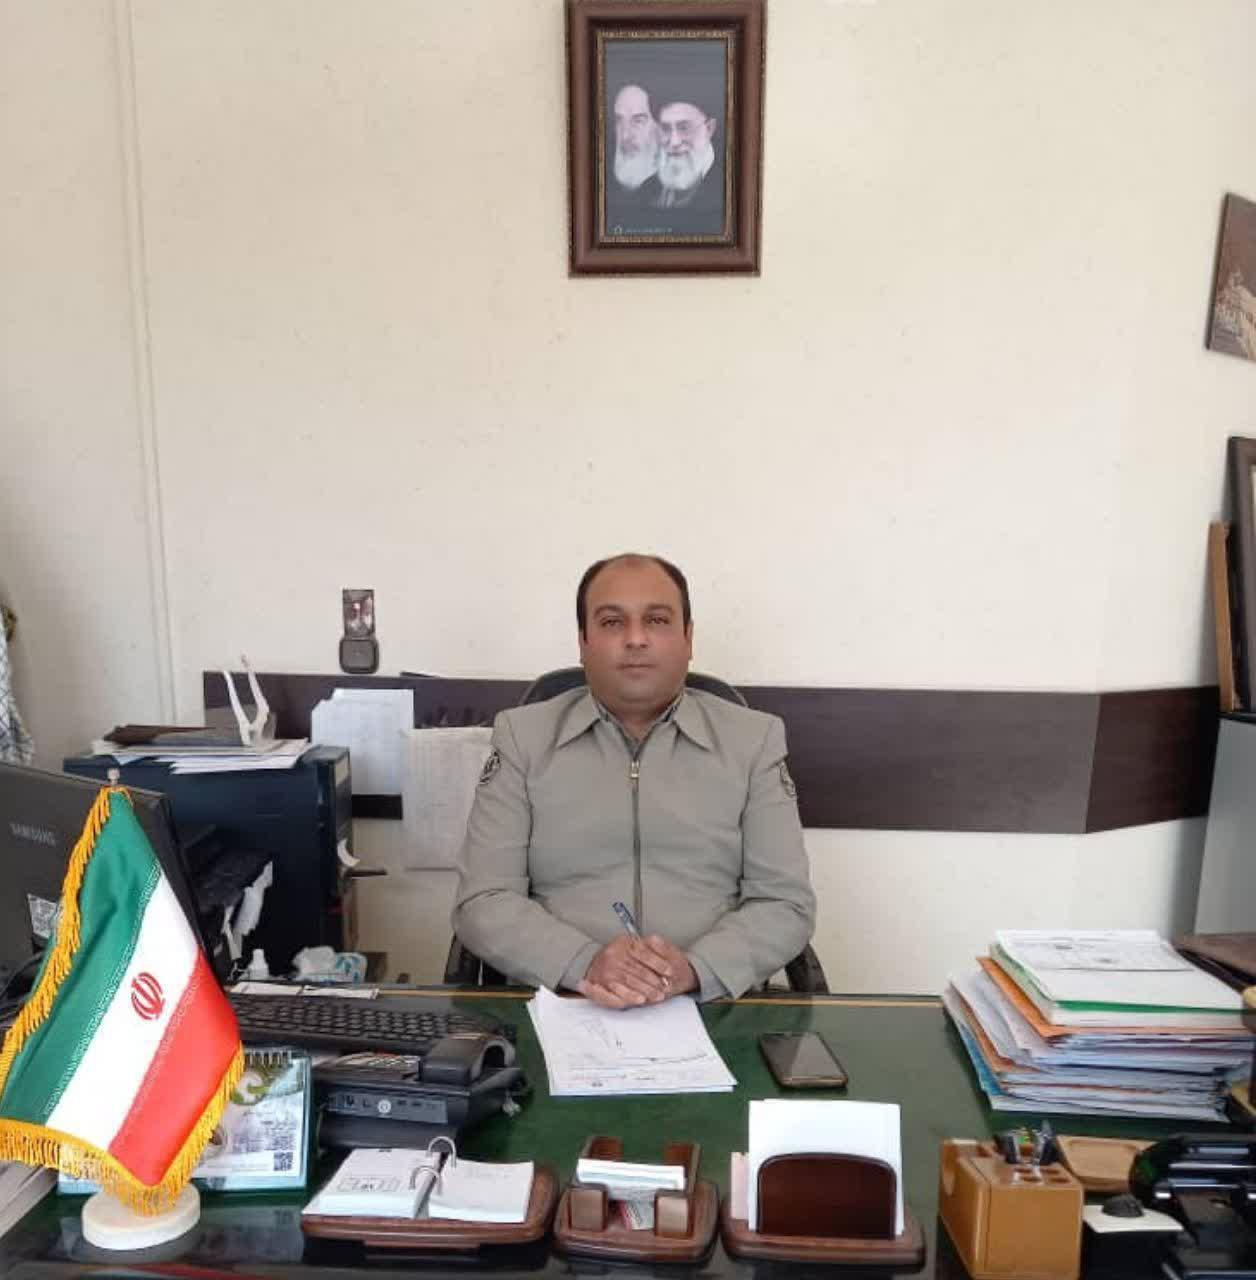 واکنش رئیس محیط زیست اسفراین به وجود گرگ در مسکن مهر اسفراین